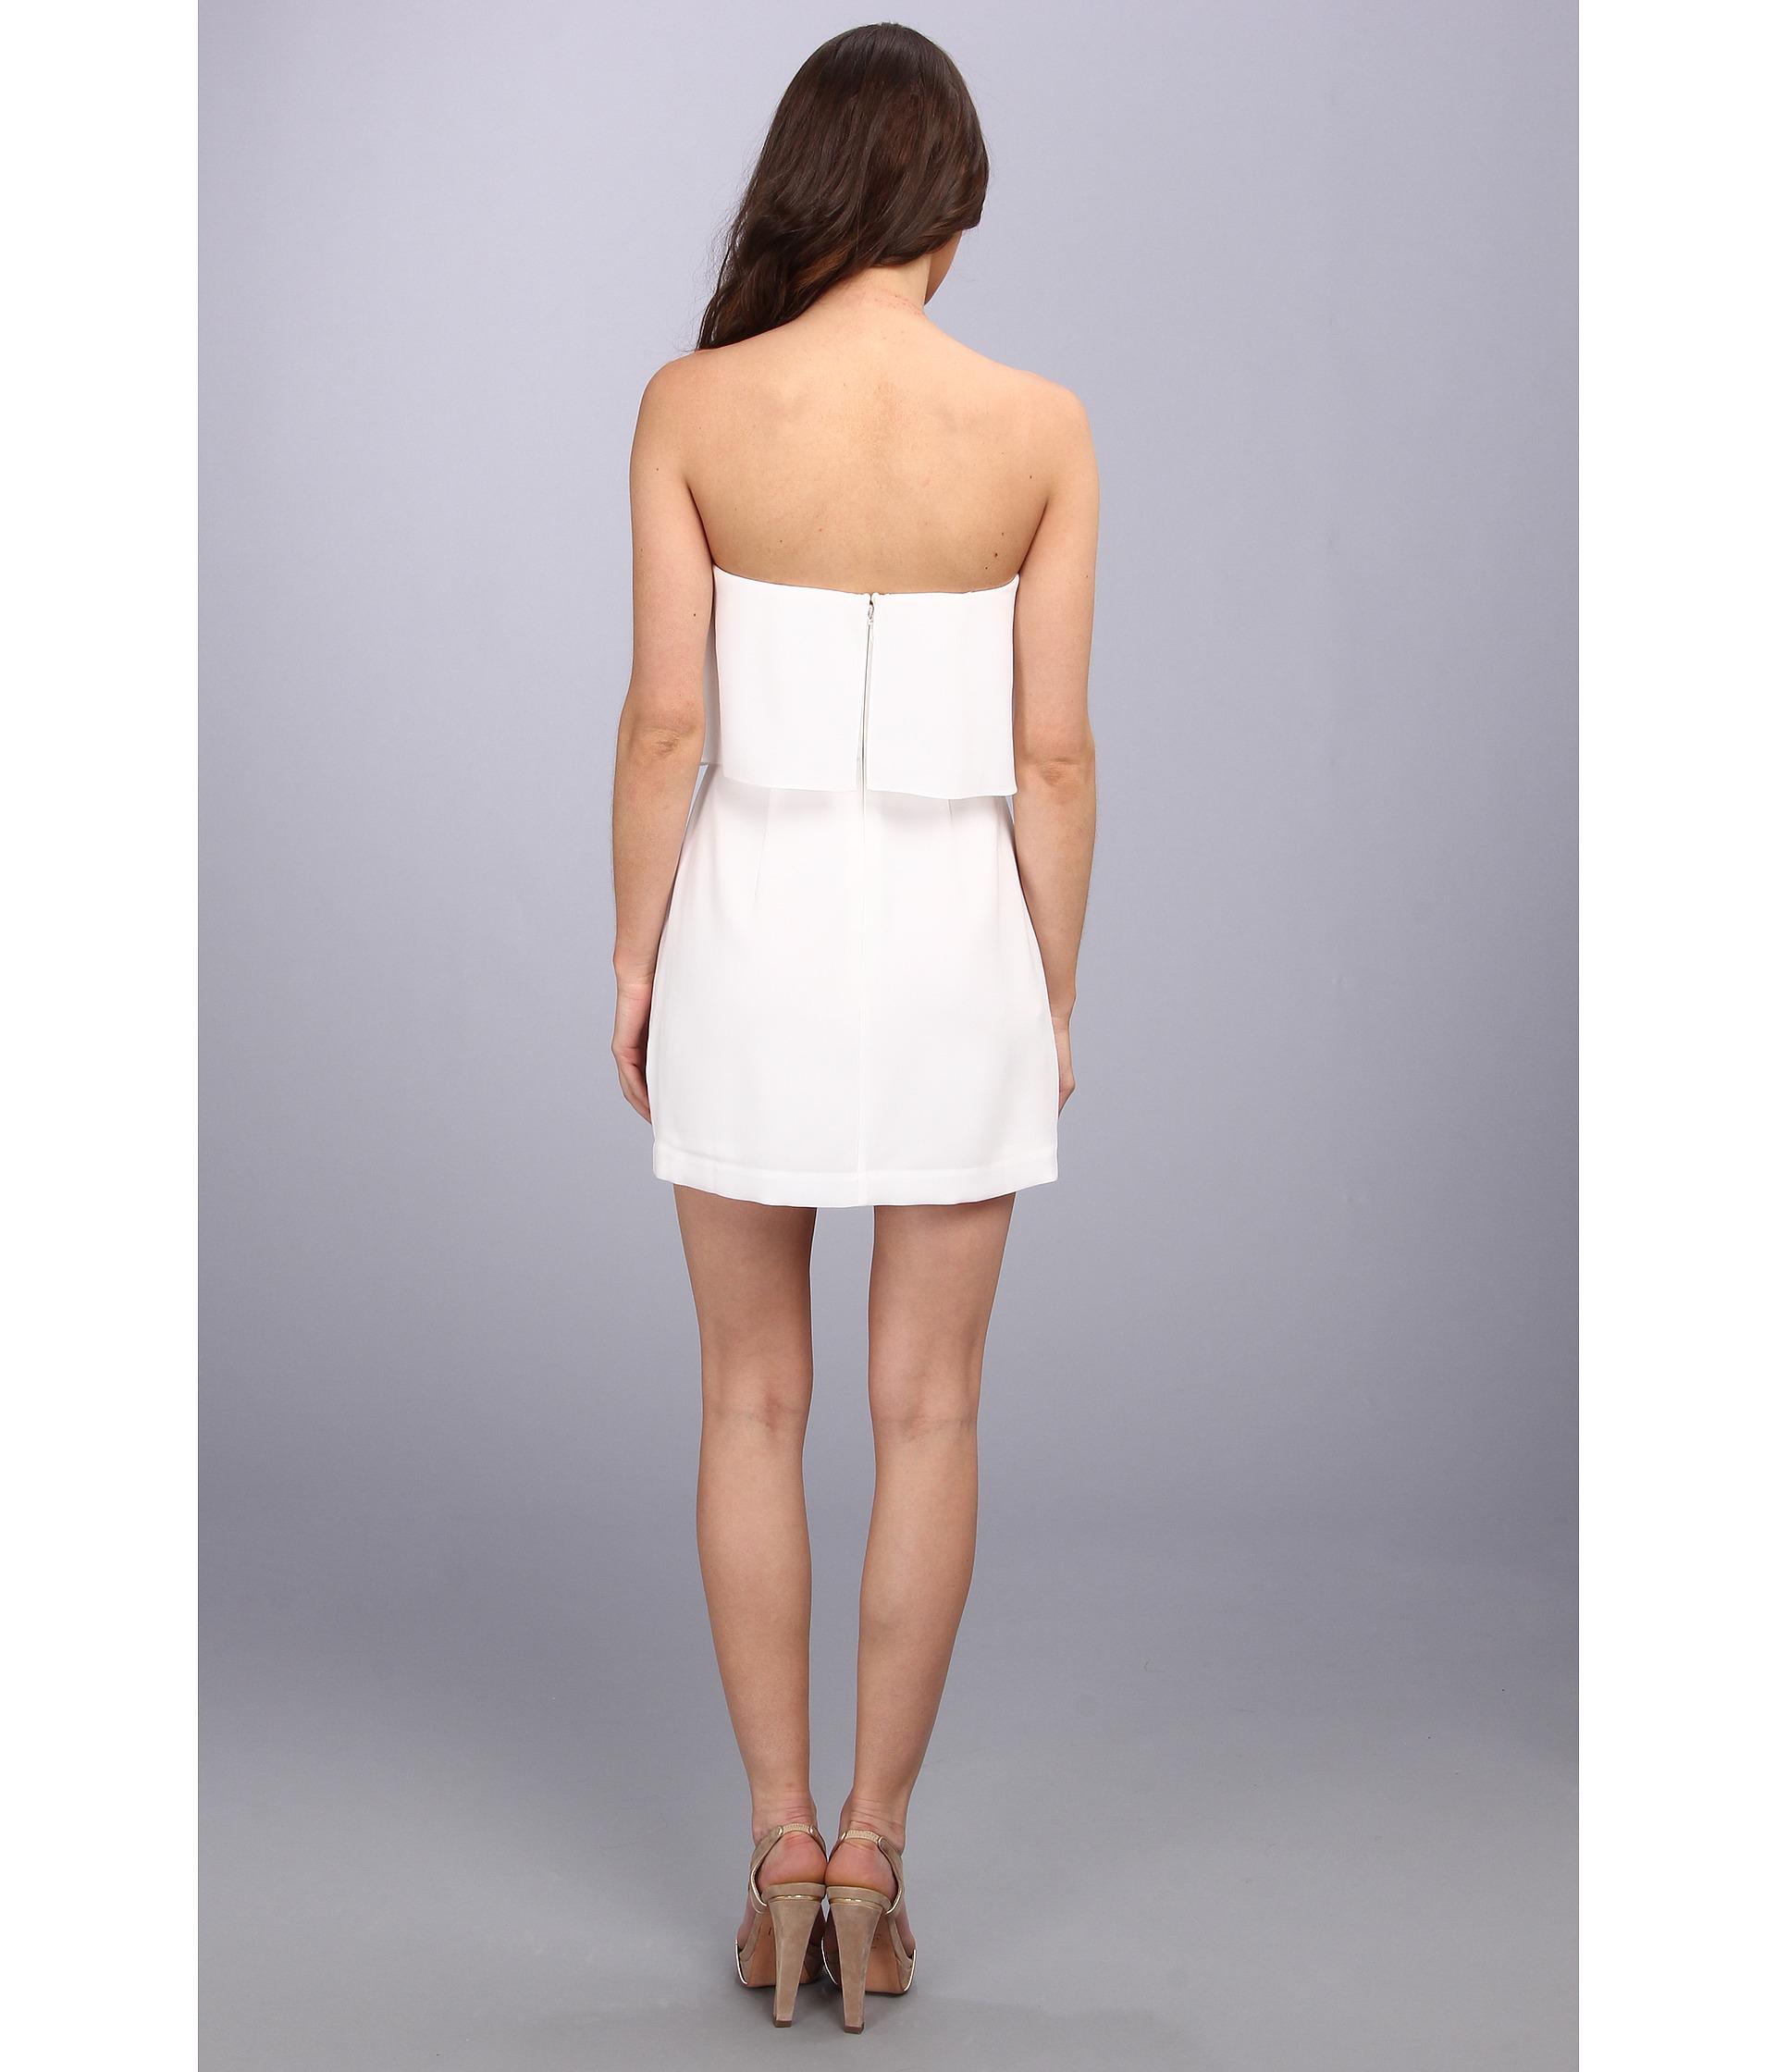 b4d471f1177 BCBGMAXAZRIA Kate Strapless Dress in White - Lyst